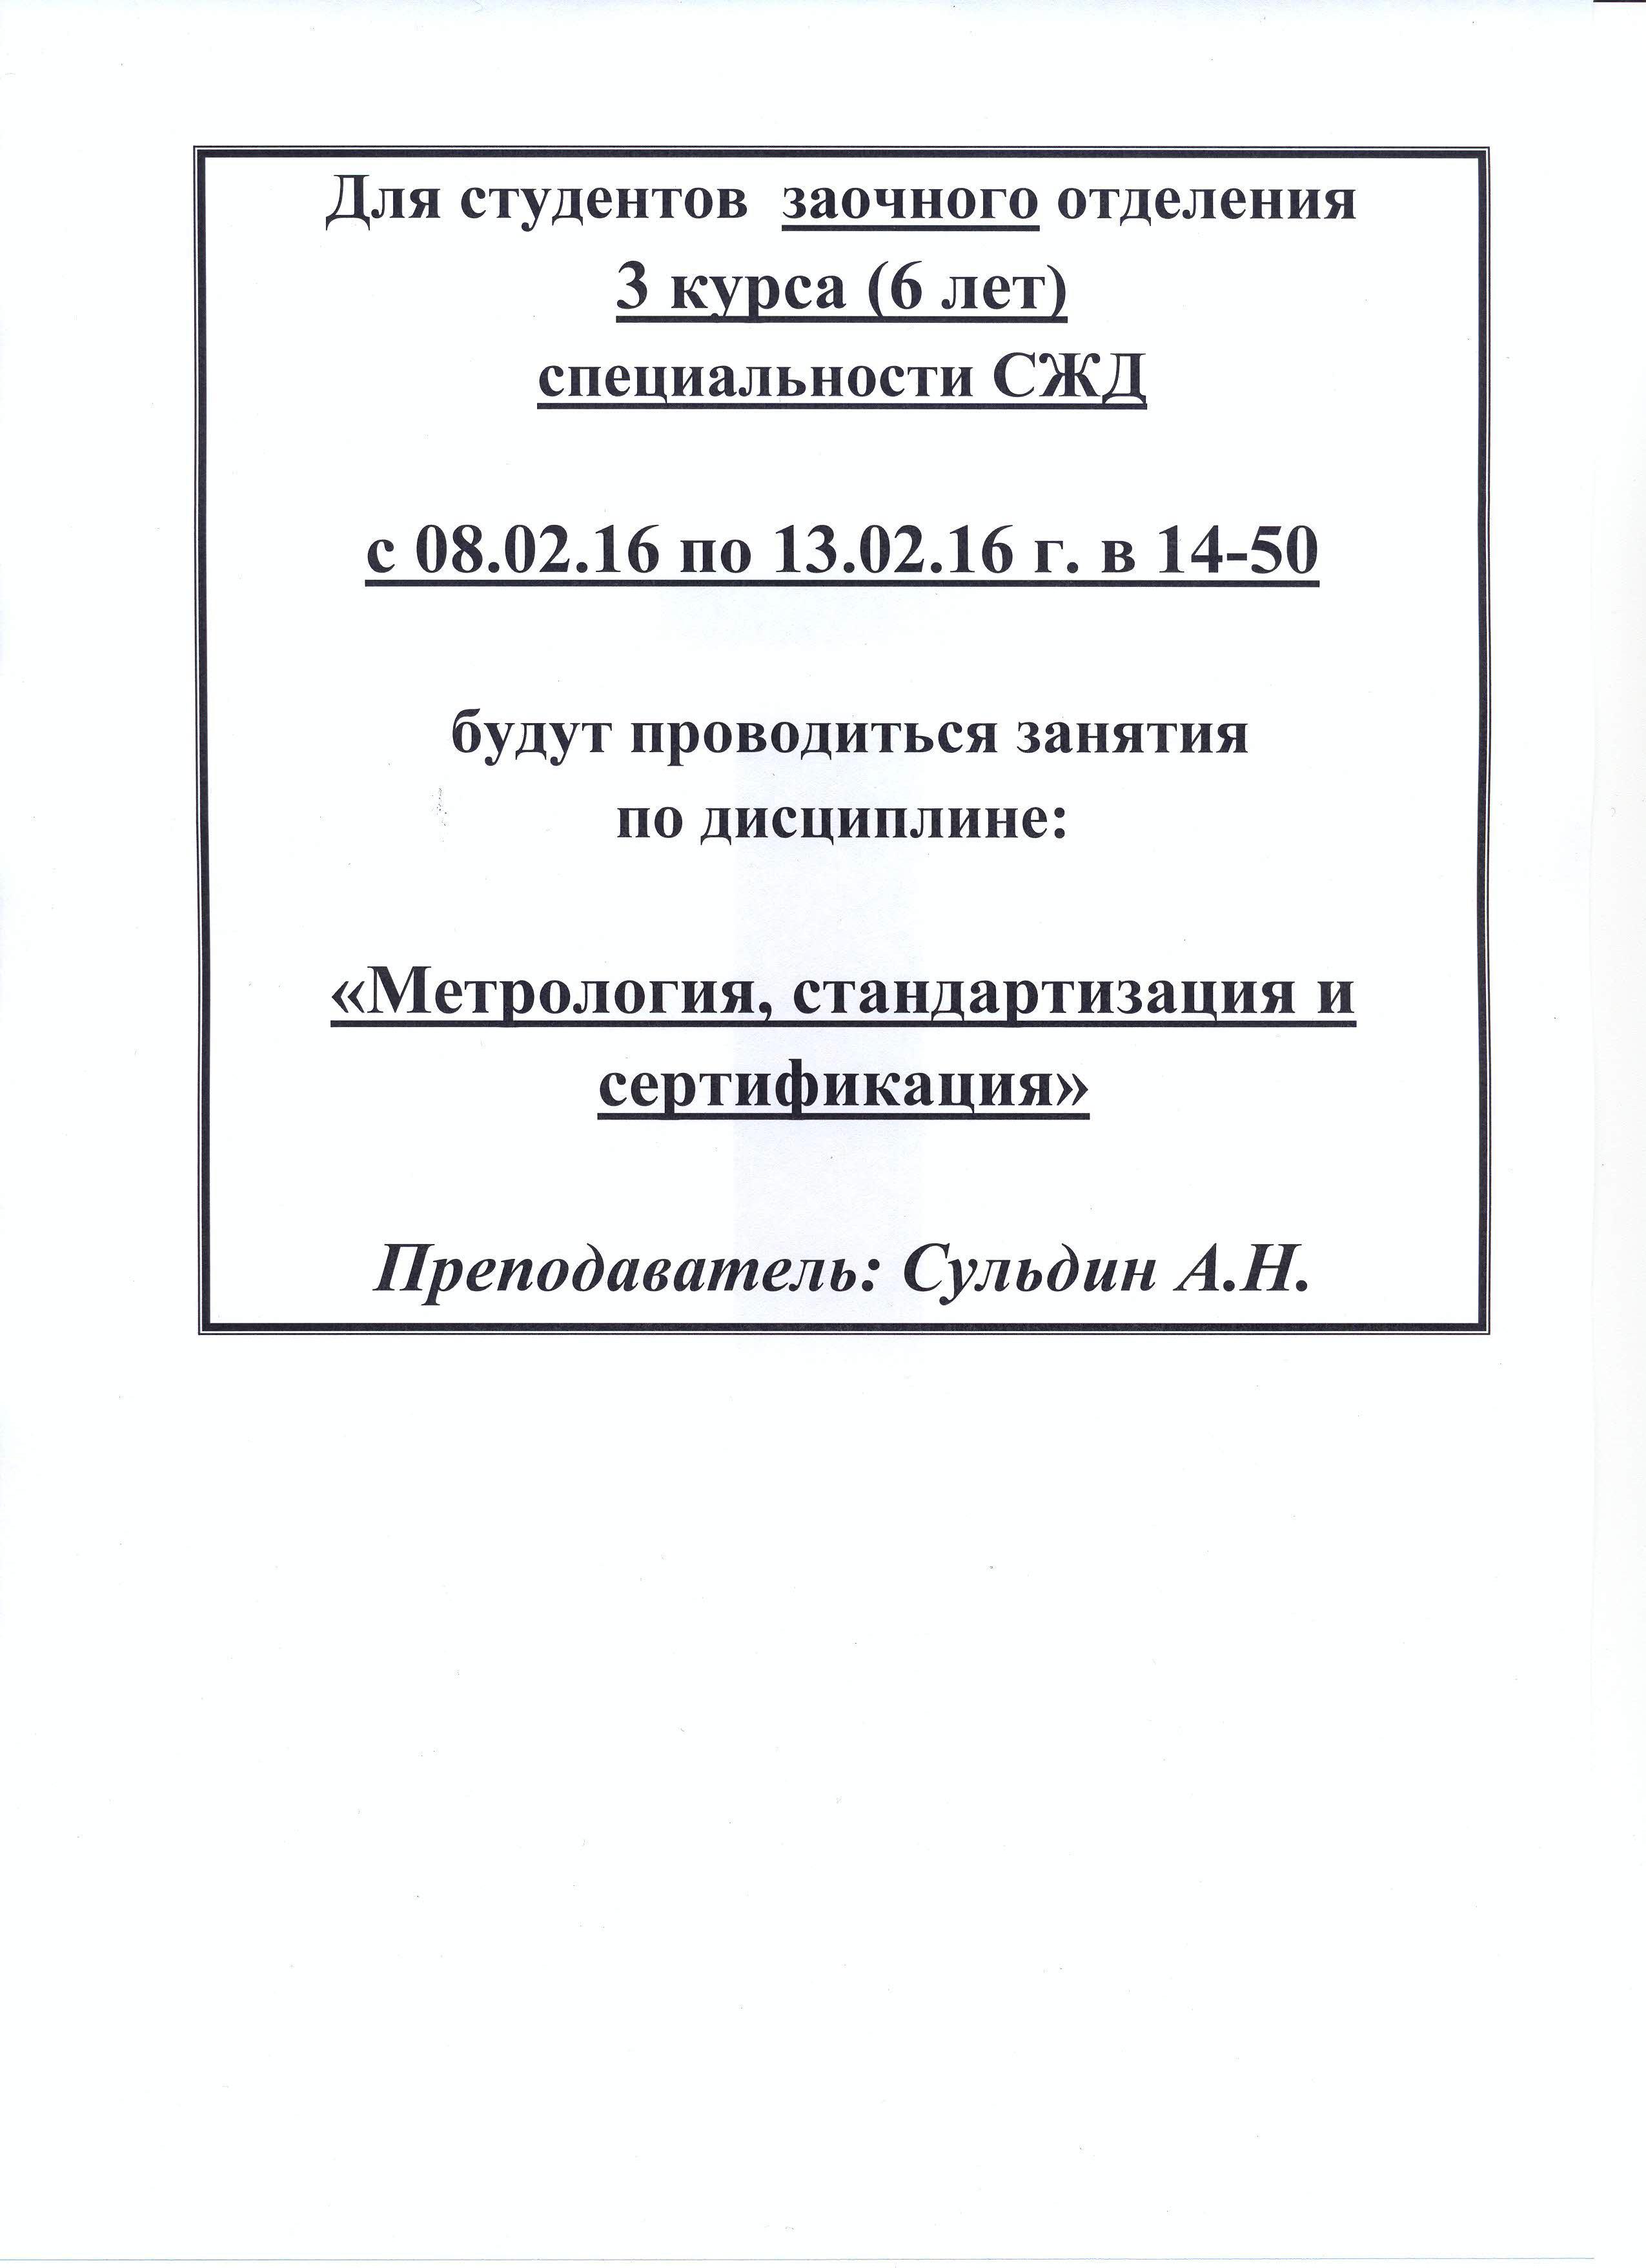 Объявление заочники 3 курс(6 лет)